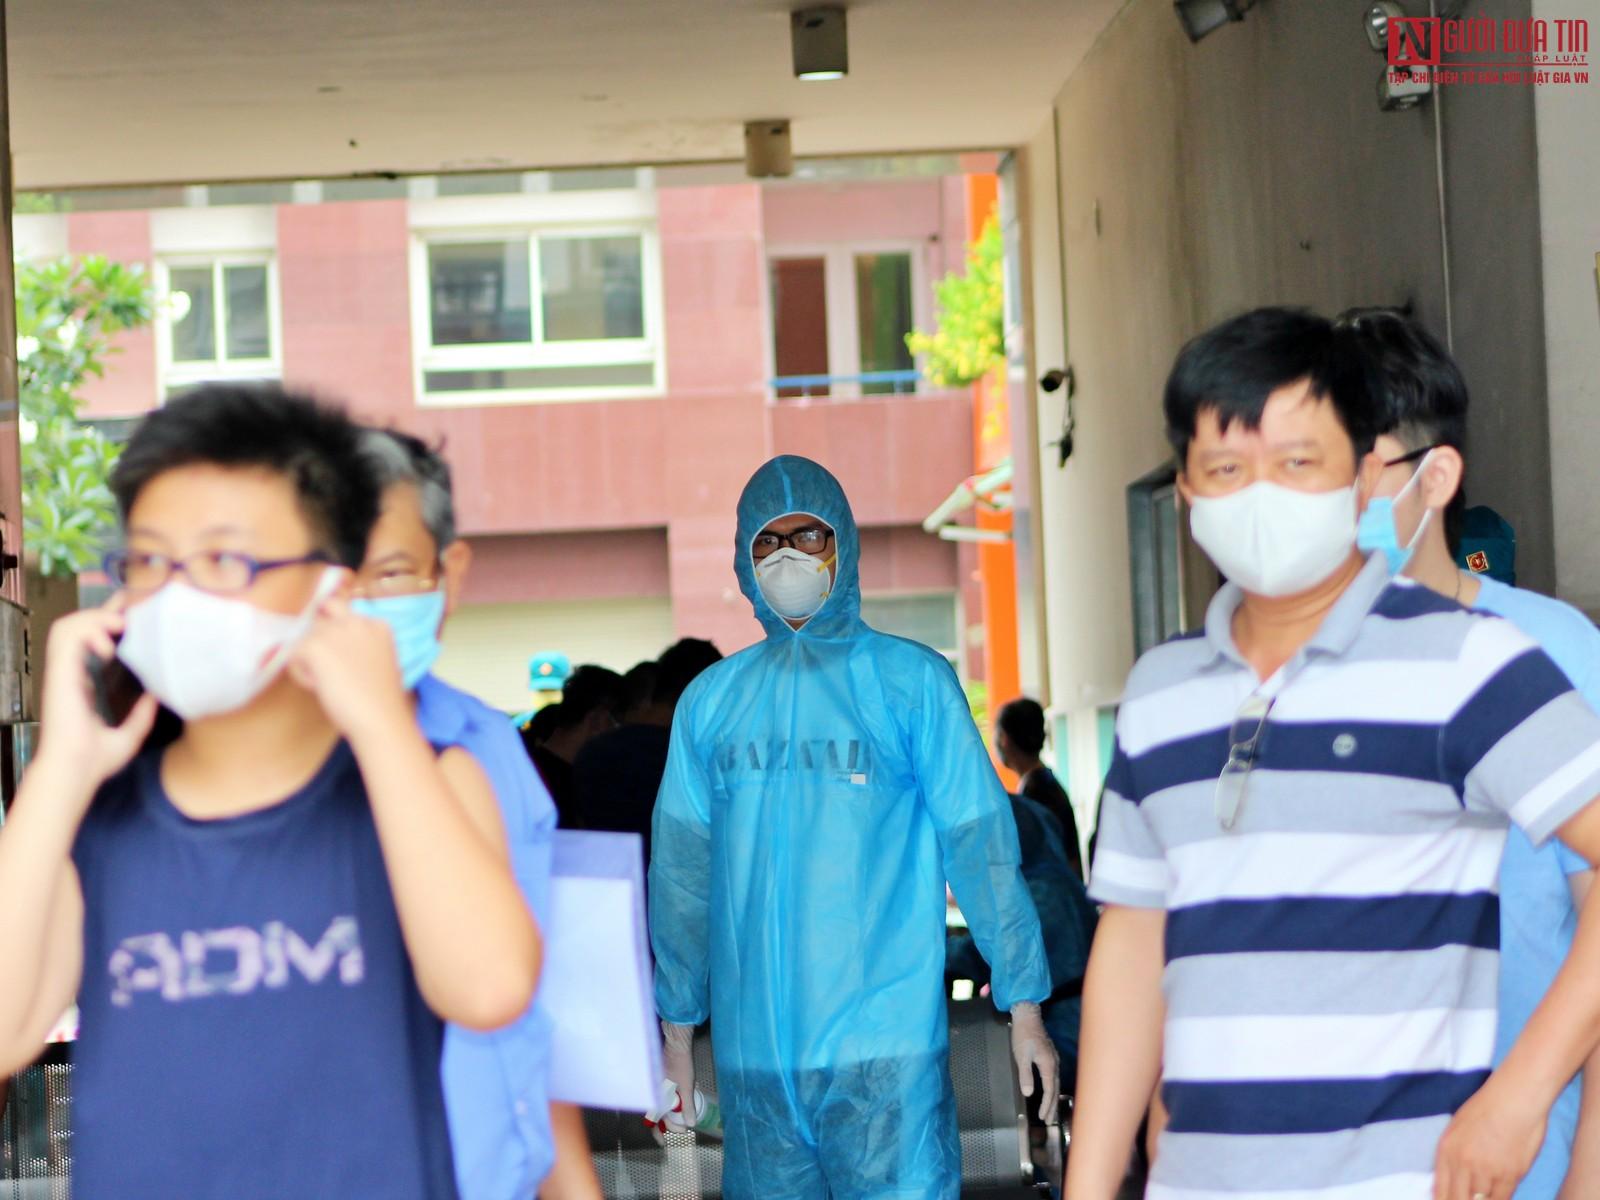 TP.HCM: Xét nghiệm hơn 300 người tại chung cư vì ca nghi nhiễm Covid-19-3